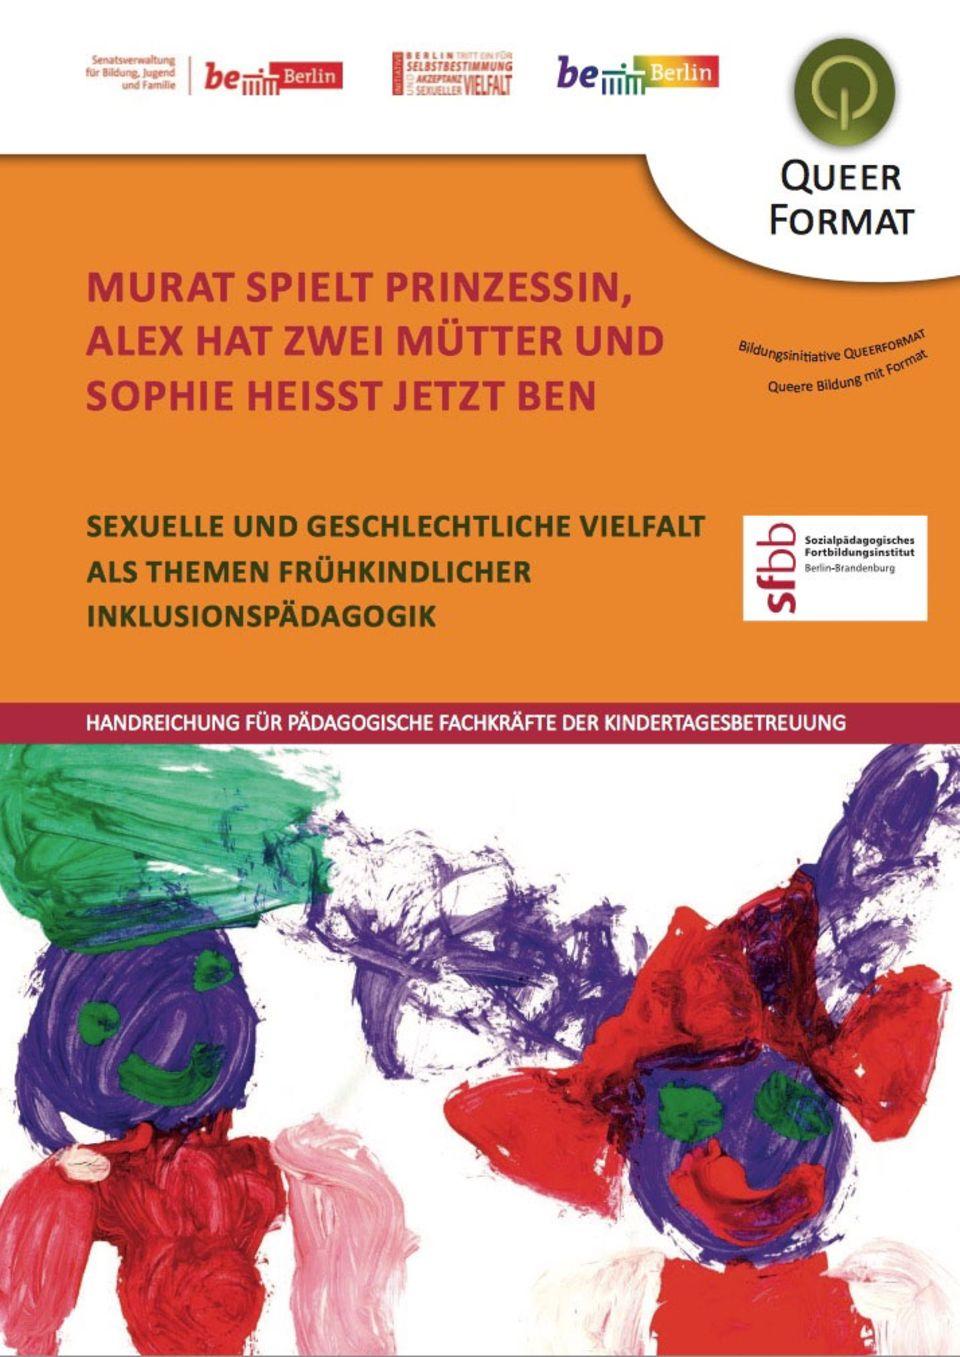 Berlin: Die Quere Aufklärungsbroschüre für Kita-Personal